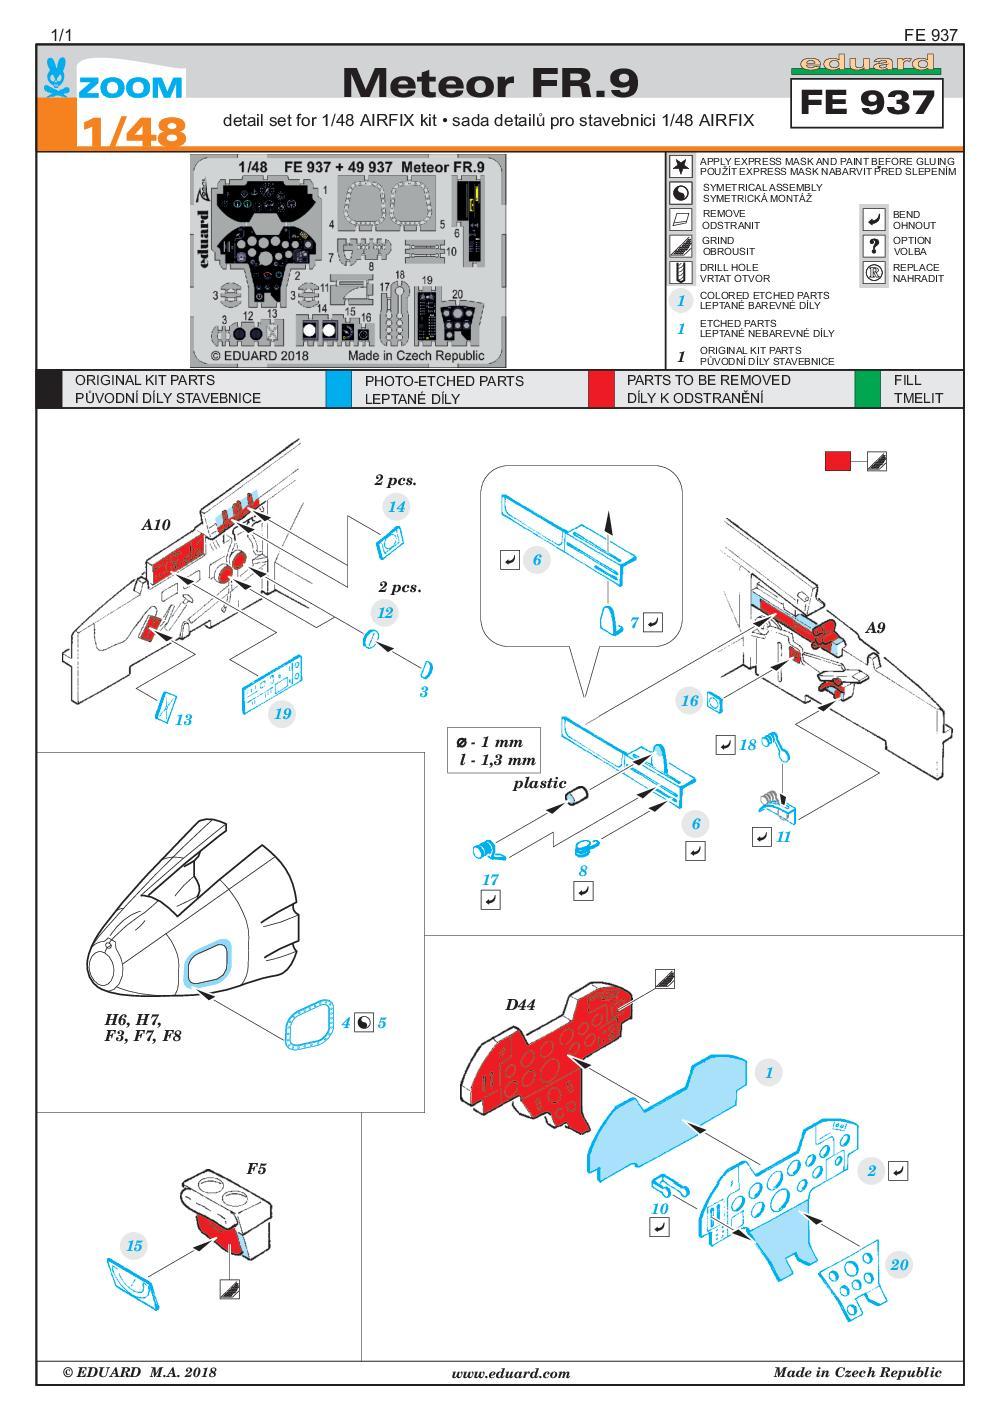 Eduard-FE-937-Meteor-FR.9-ZOOM-2 Eduard-Zubehör für die Meteor FR.9 von Airfix in 1:48 #49937 und FE 937